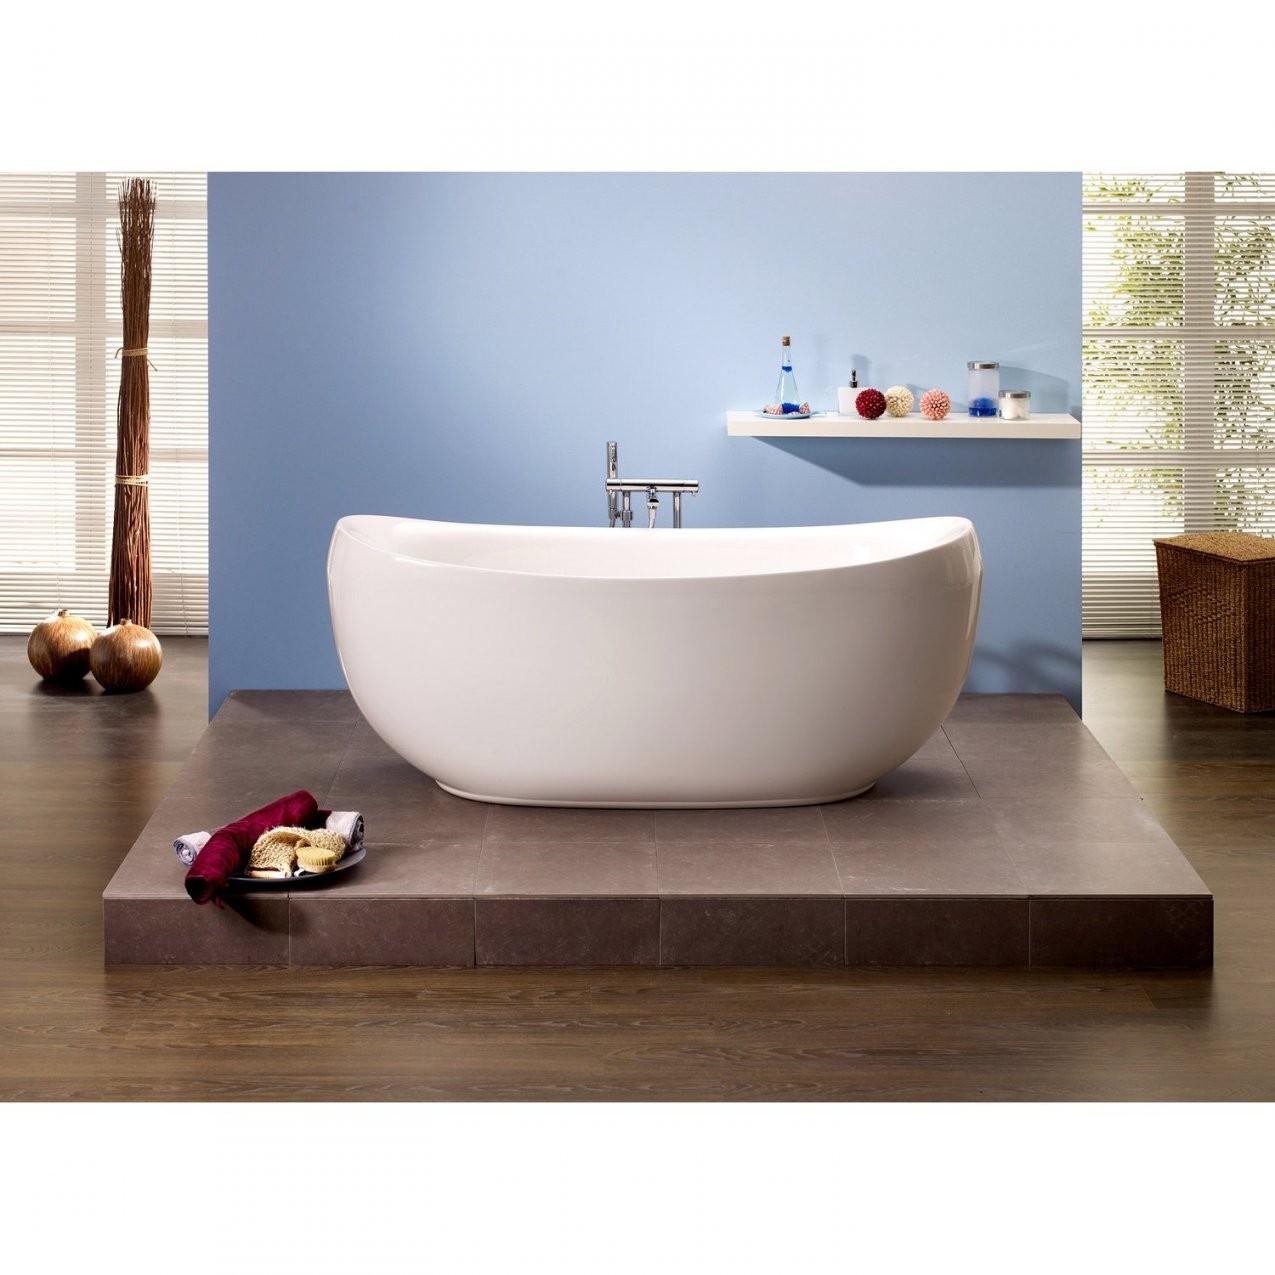 Freistehende Badewanne Ventura 1805 Cm X 835 Cm Weiß Kaufen Bei Obi von Bilder Freistehende Badewanne Bild